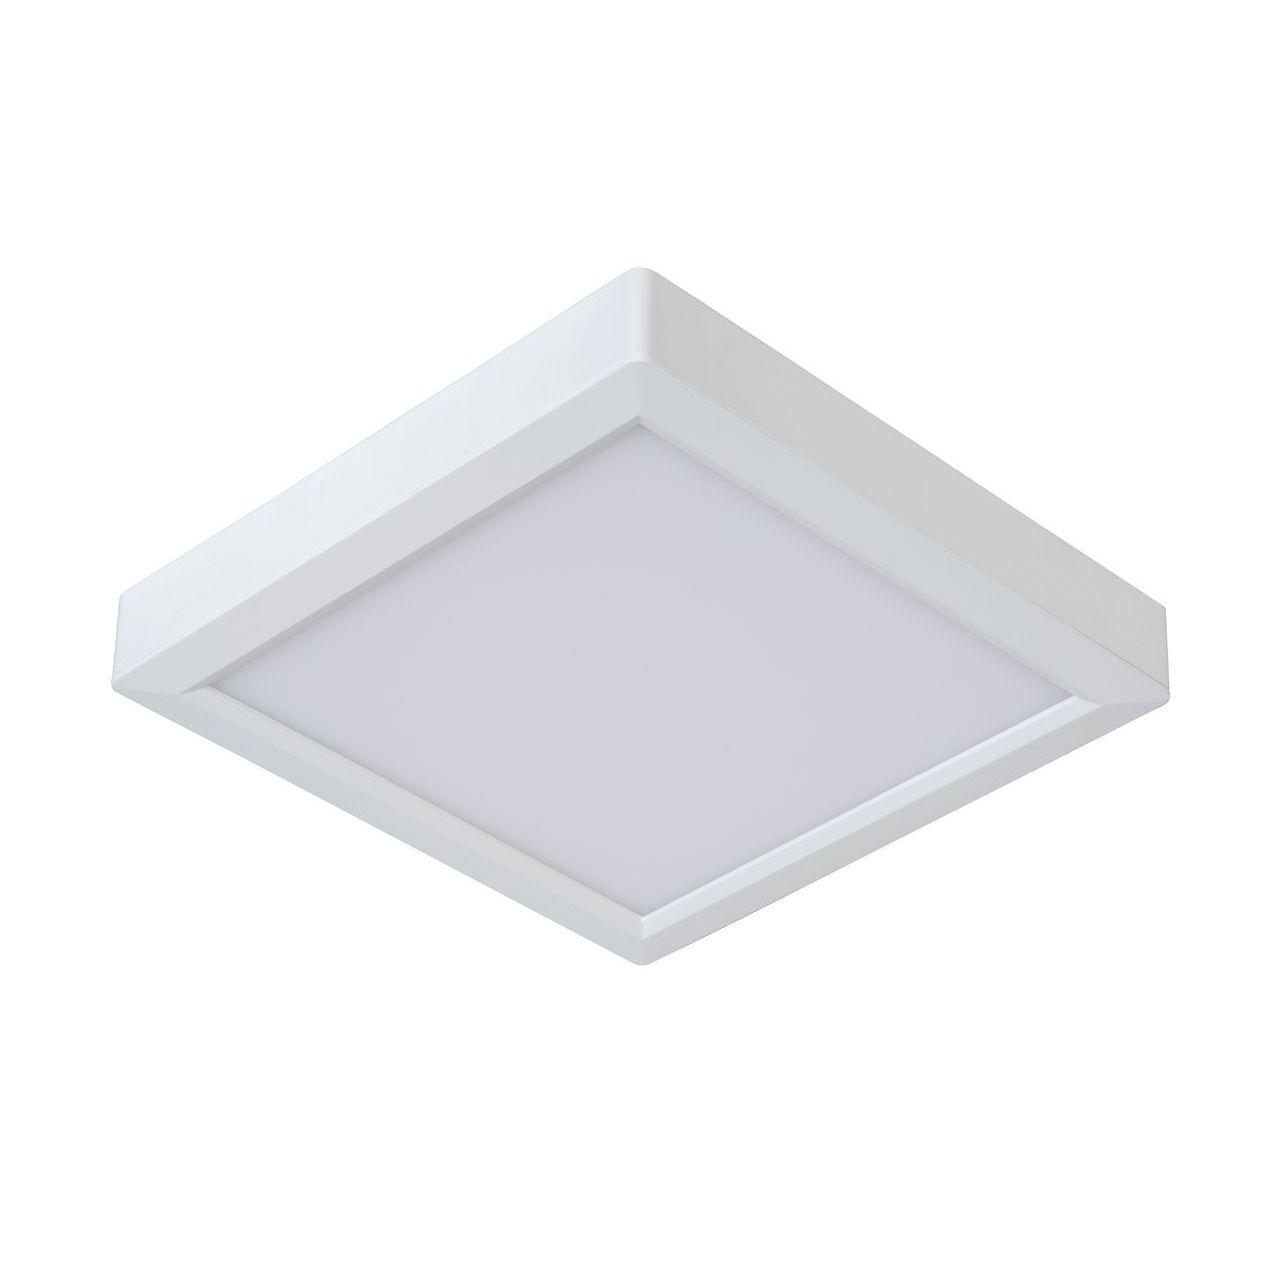 Потолочный светодиодный светильник Lucide Tendo-Led 07106/18/31 lucide встраиваемый светильник lucide tendo led 07901 06 31